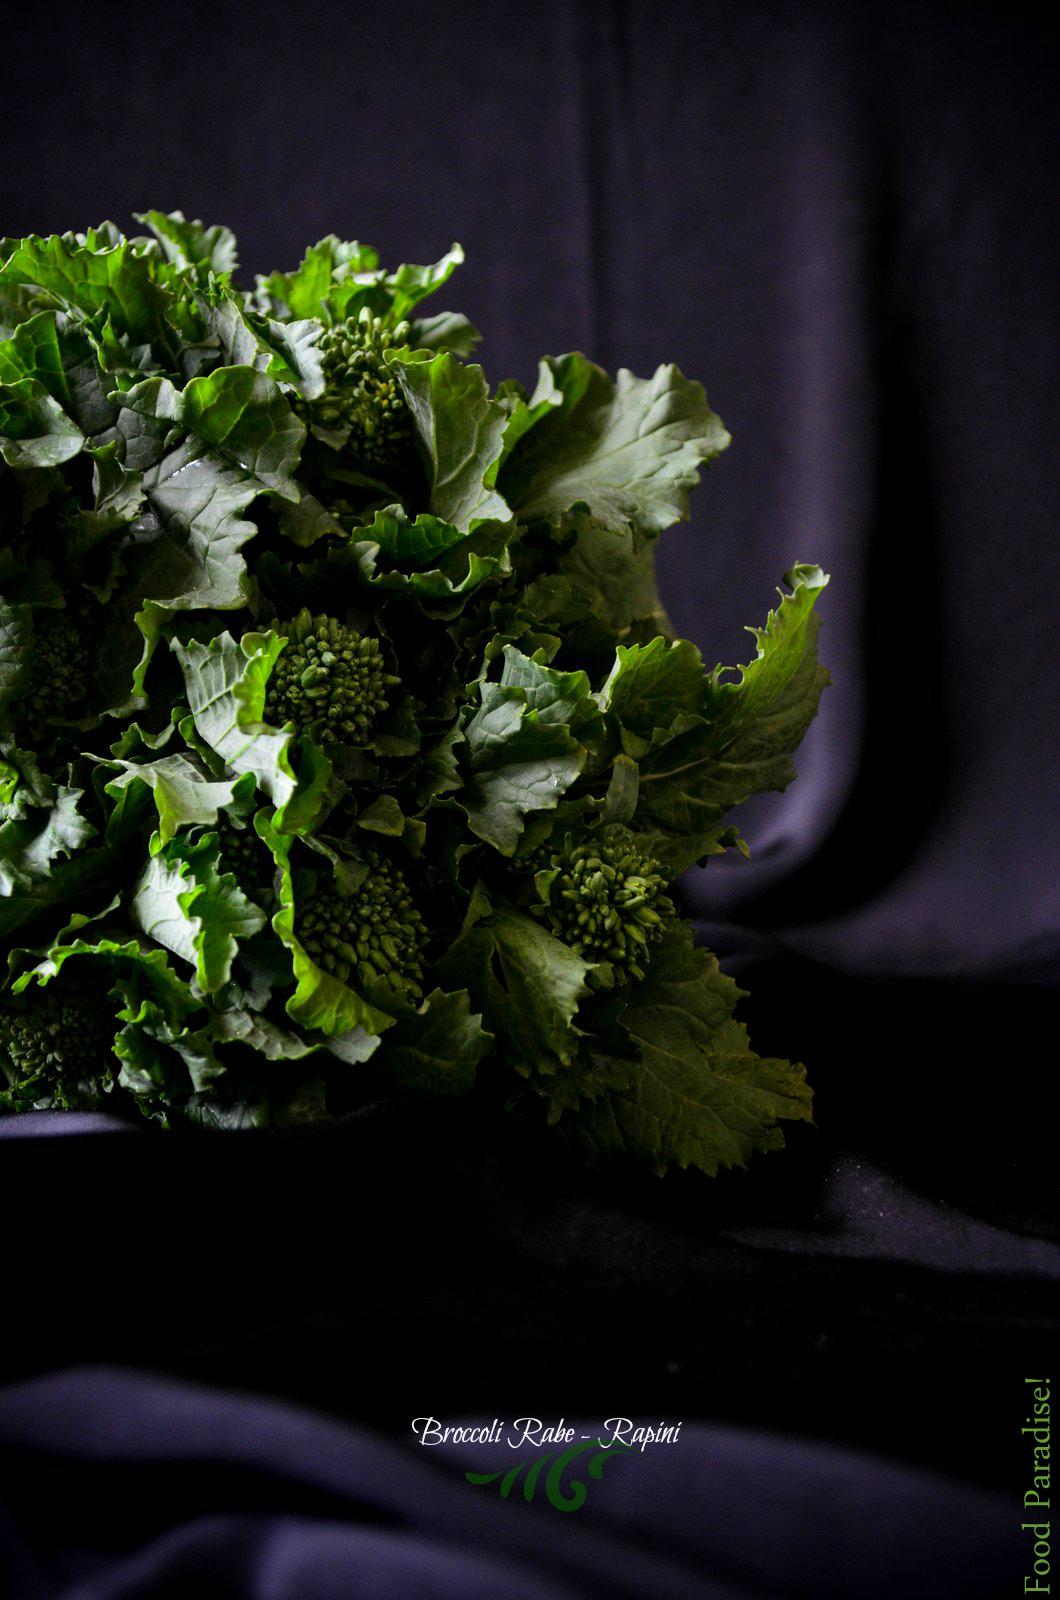 Broccoli Rabe - Rapini